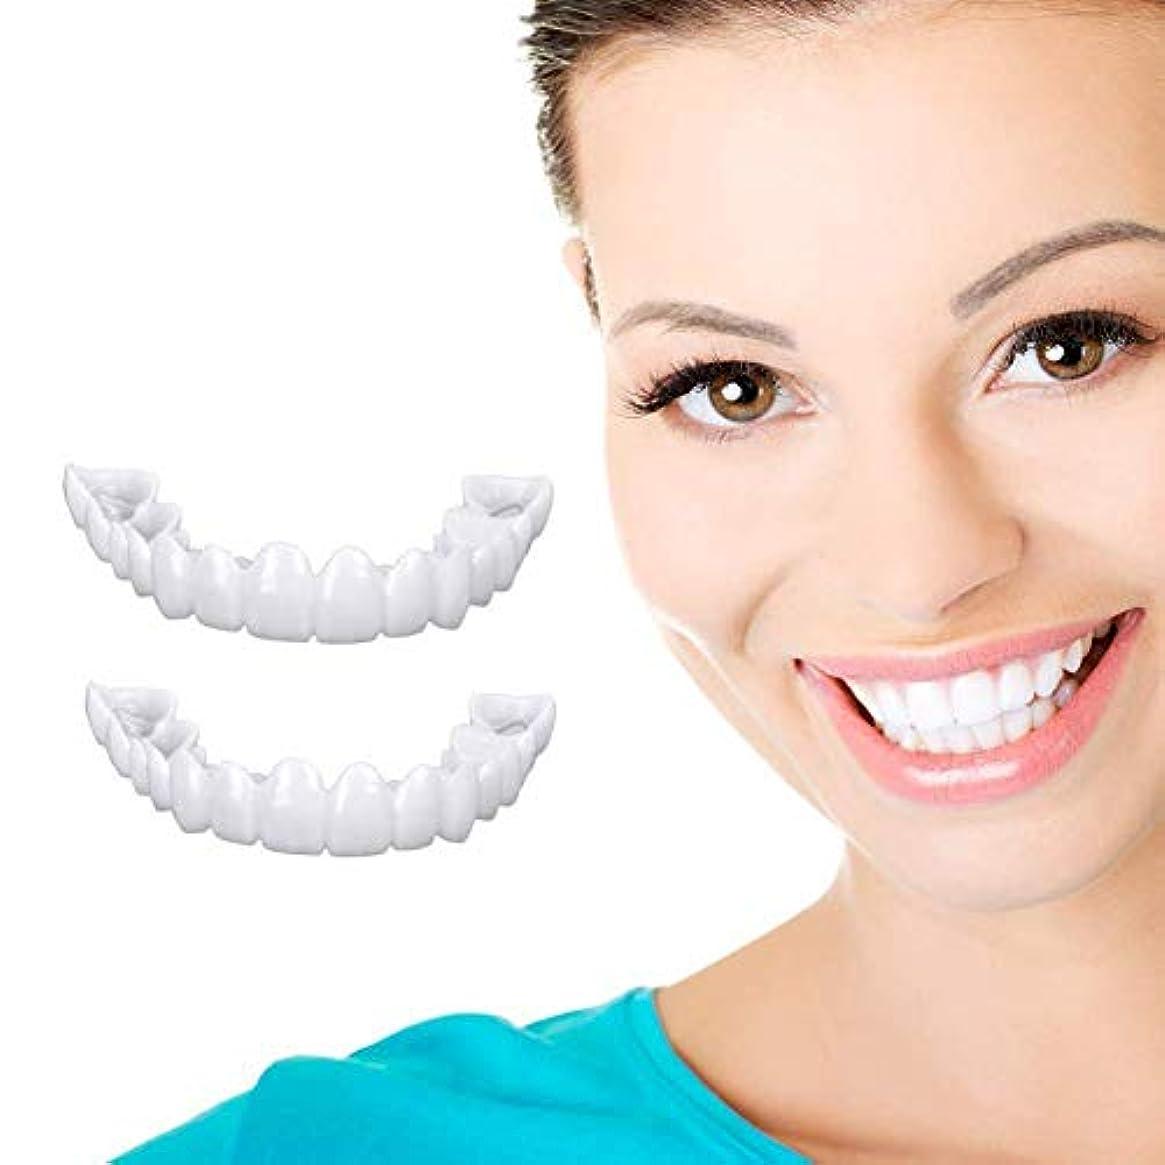 ランドマーク気質類似性インスタントブレースの歯のスナップキャップを白くする快適フィット義歯の上のベニヤの笑顔ワンサイズ最もフィットする(上と下用),5Pairs